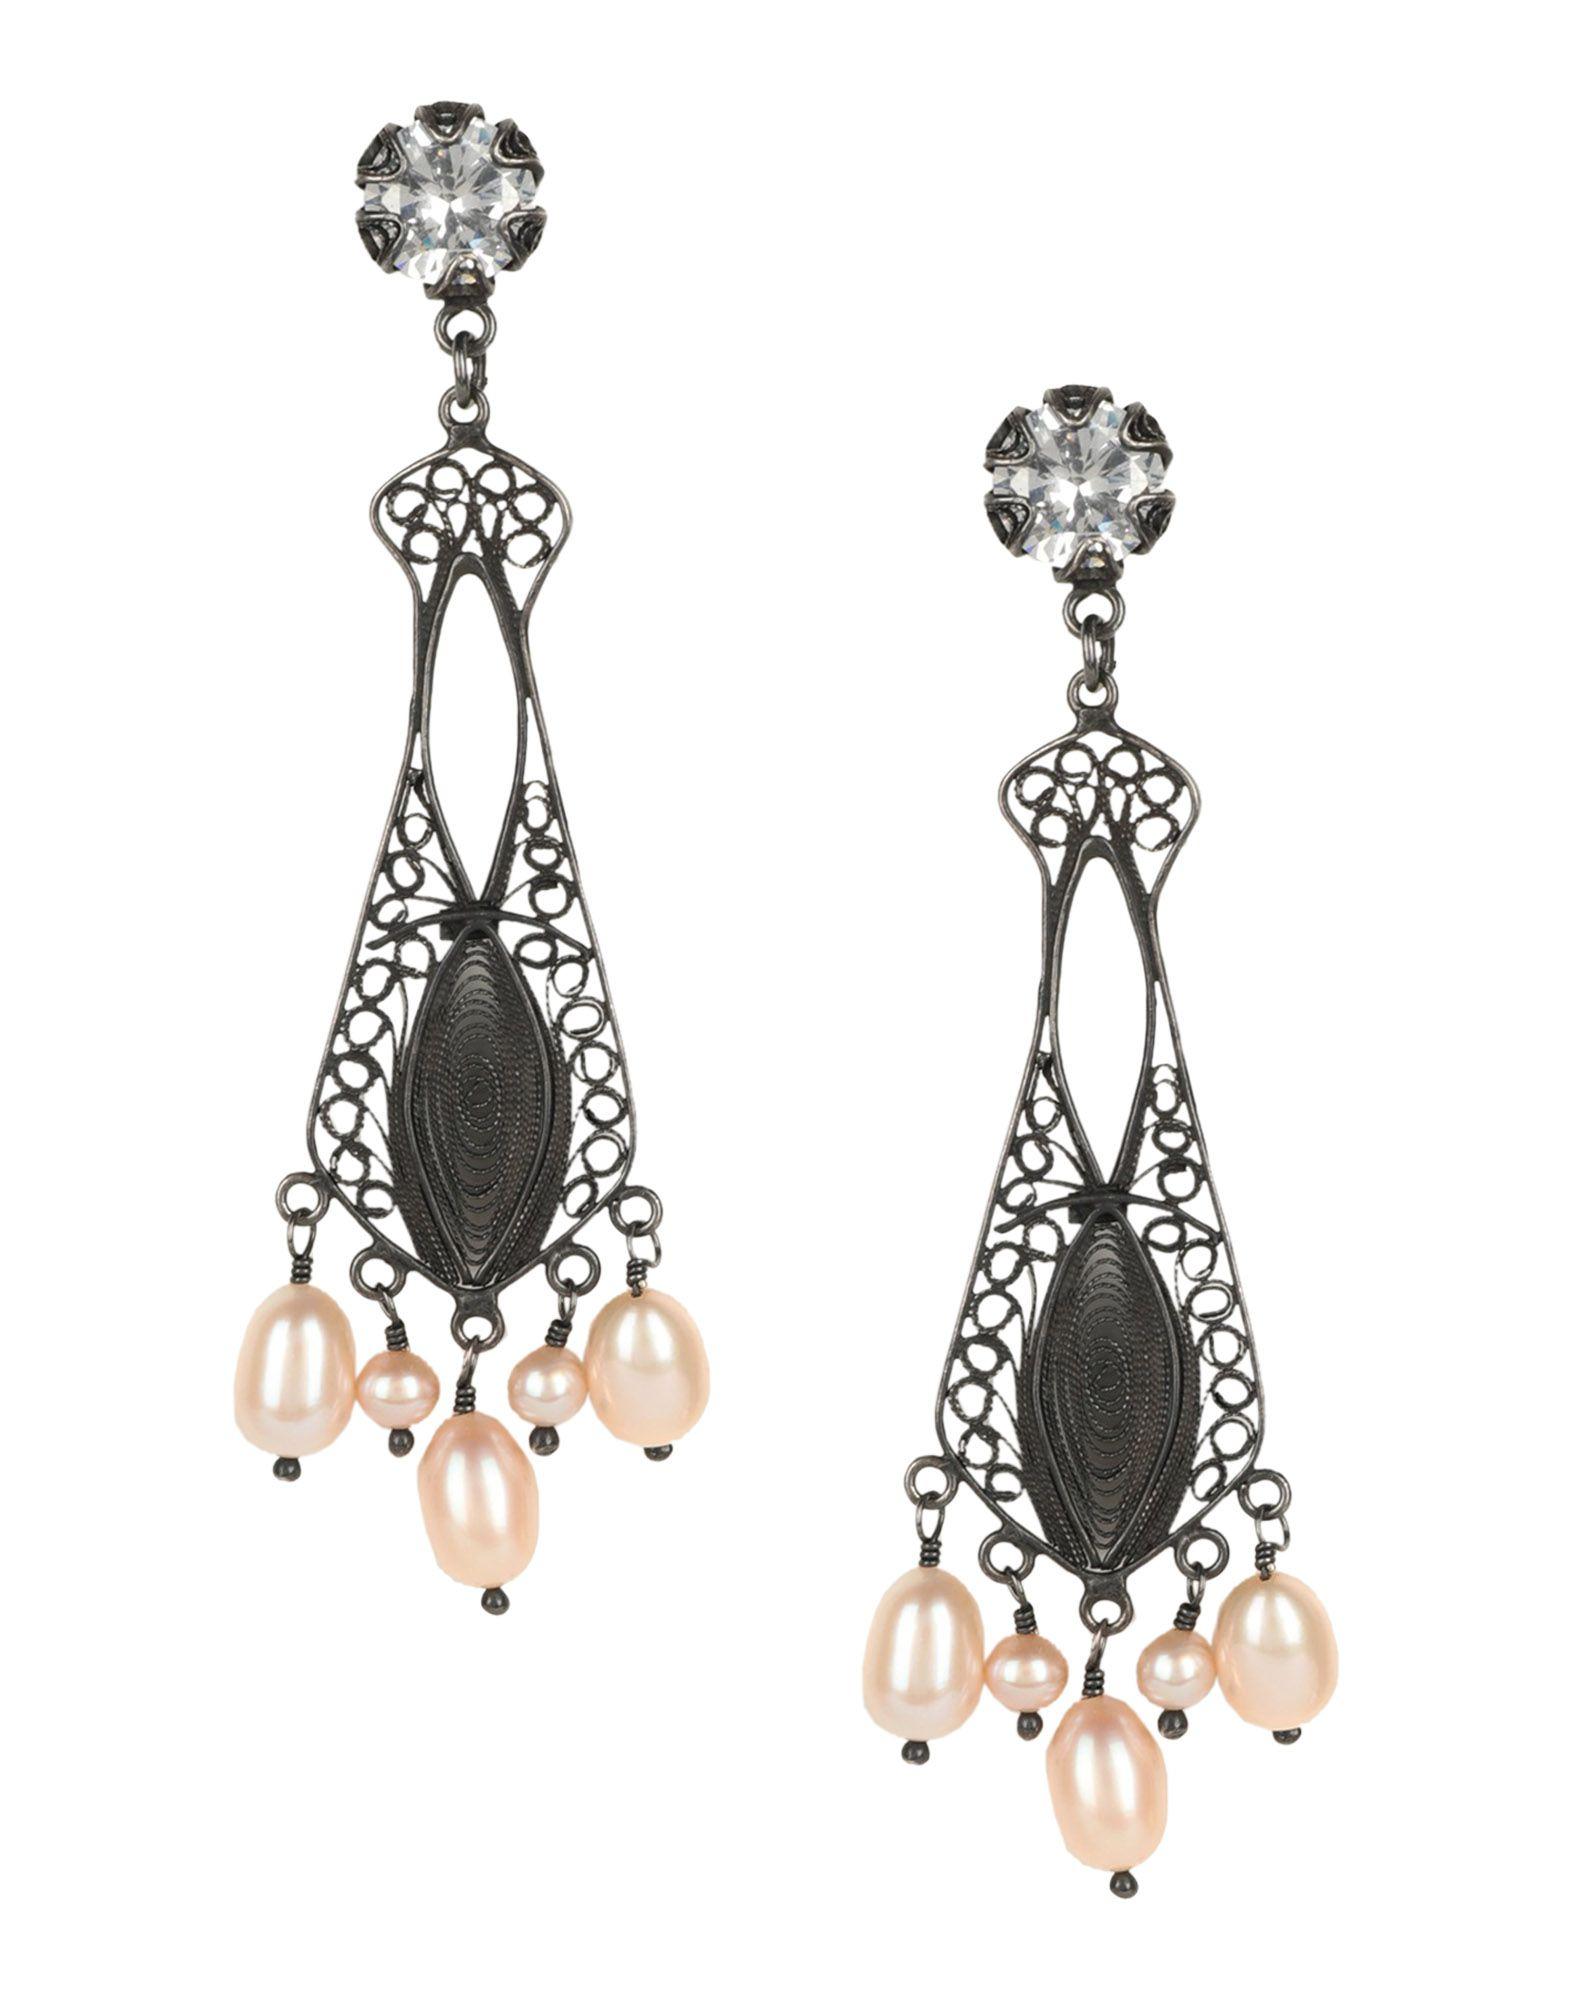 《セール開催中》FIRST PEOPLE FIRST レディース イヤリング 鉛色 シルバー925/1000 Chair-ity earrings